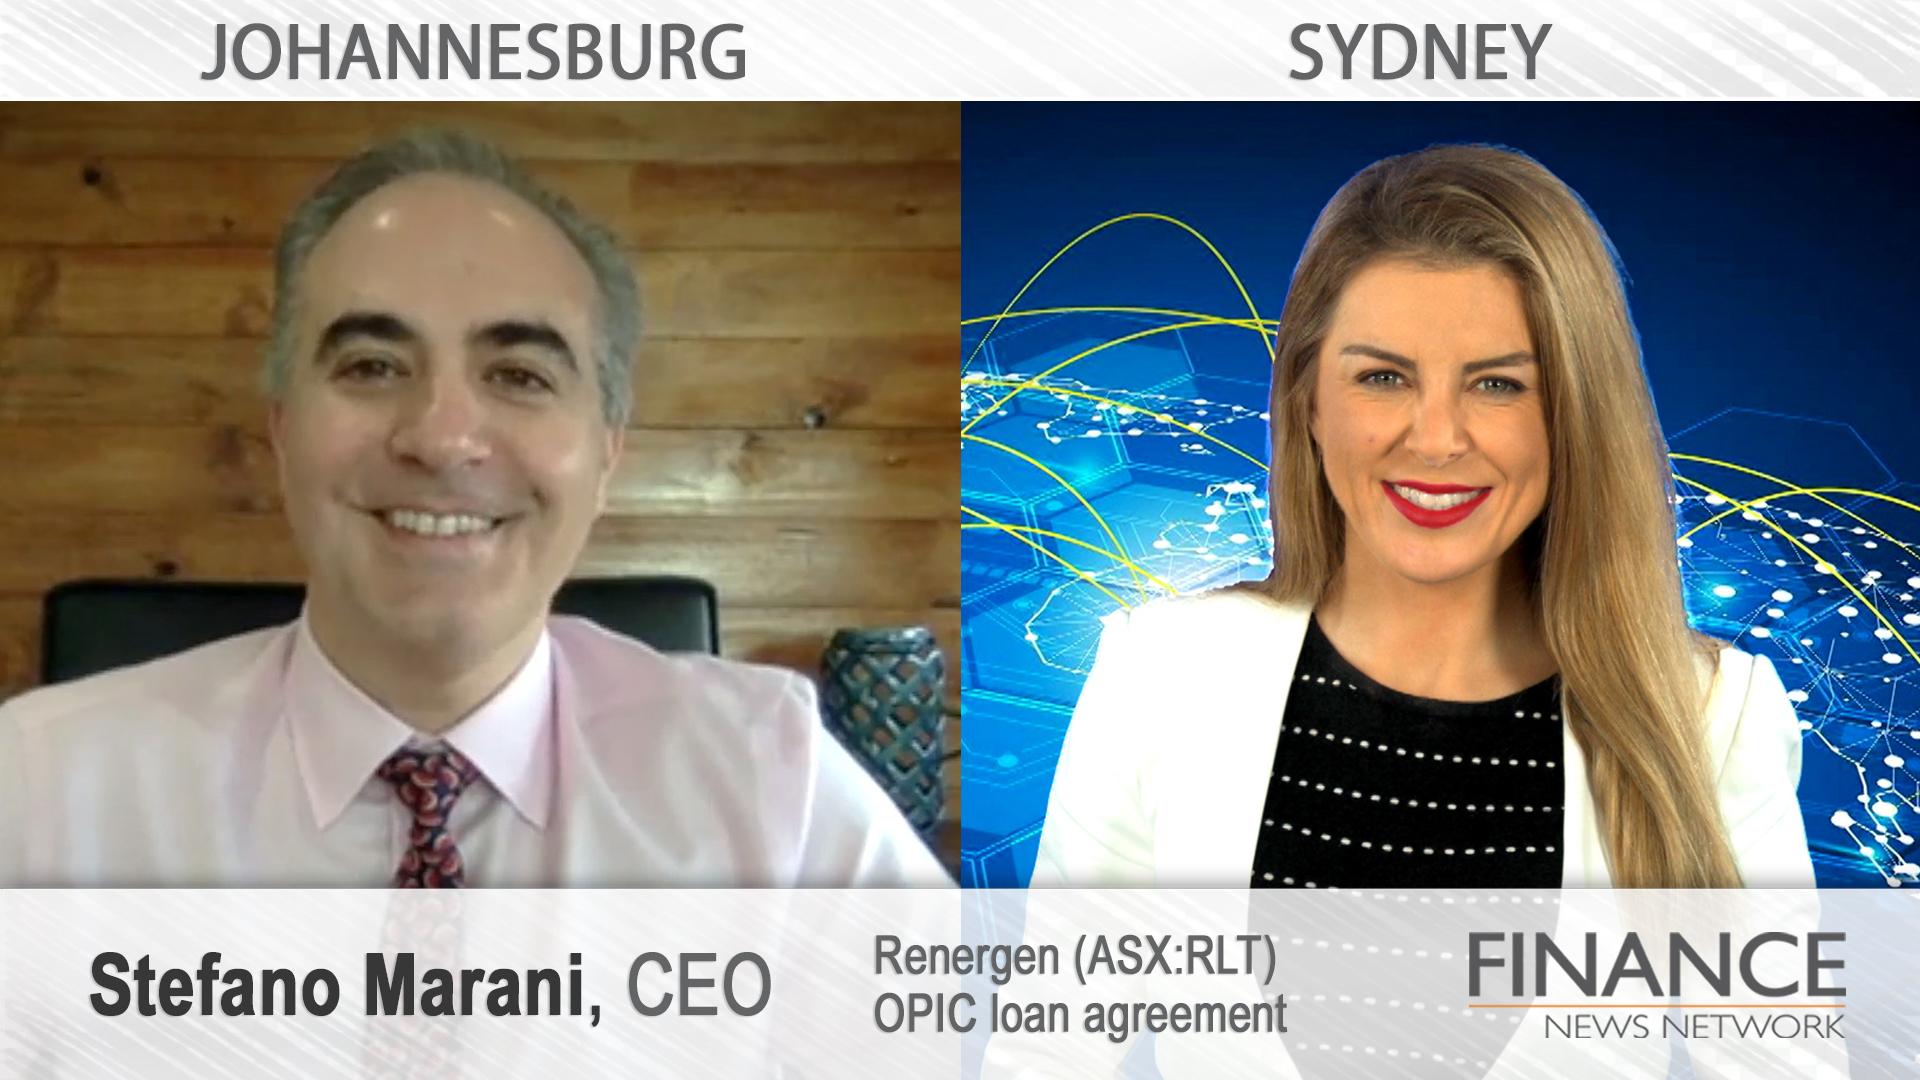 Renergen (ASX:RLT) OPIC loan agreement